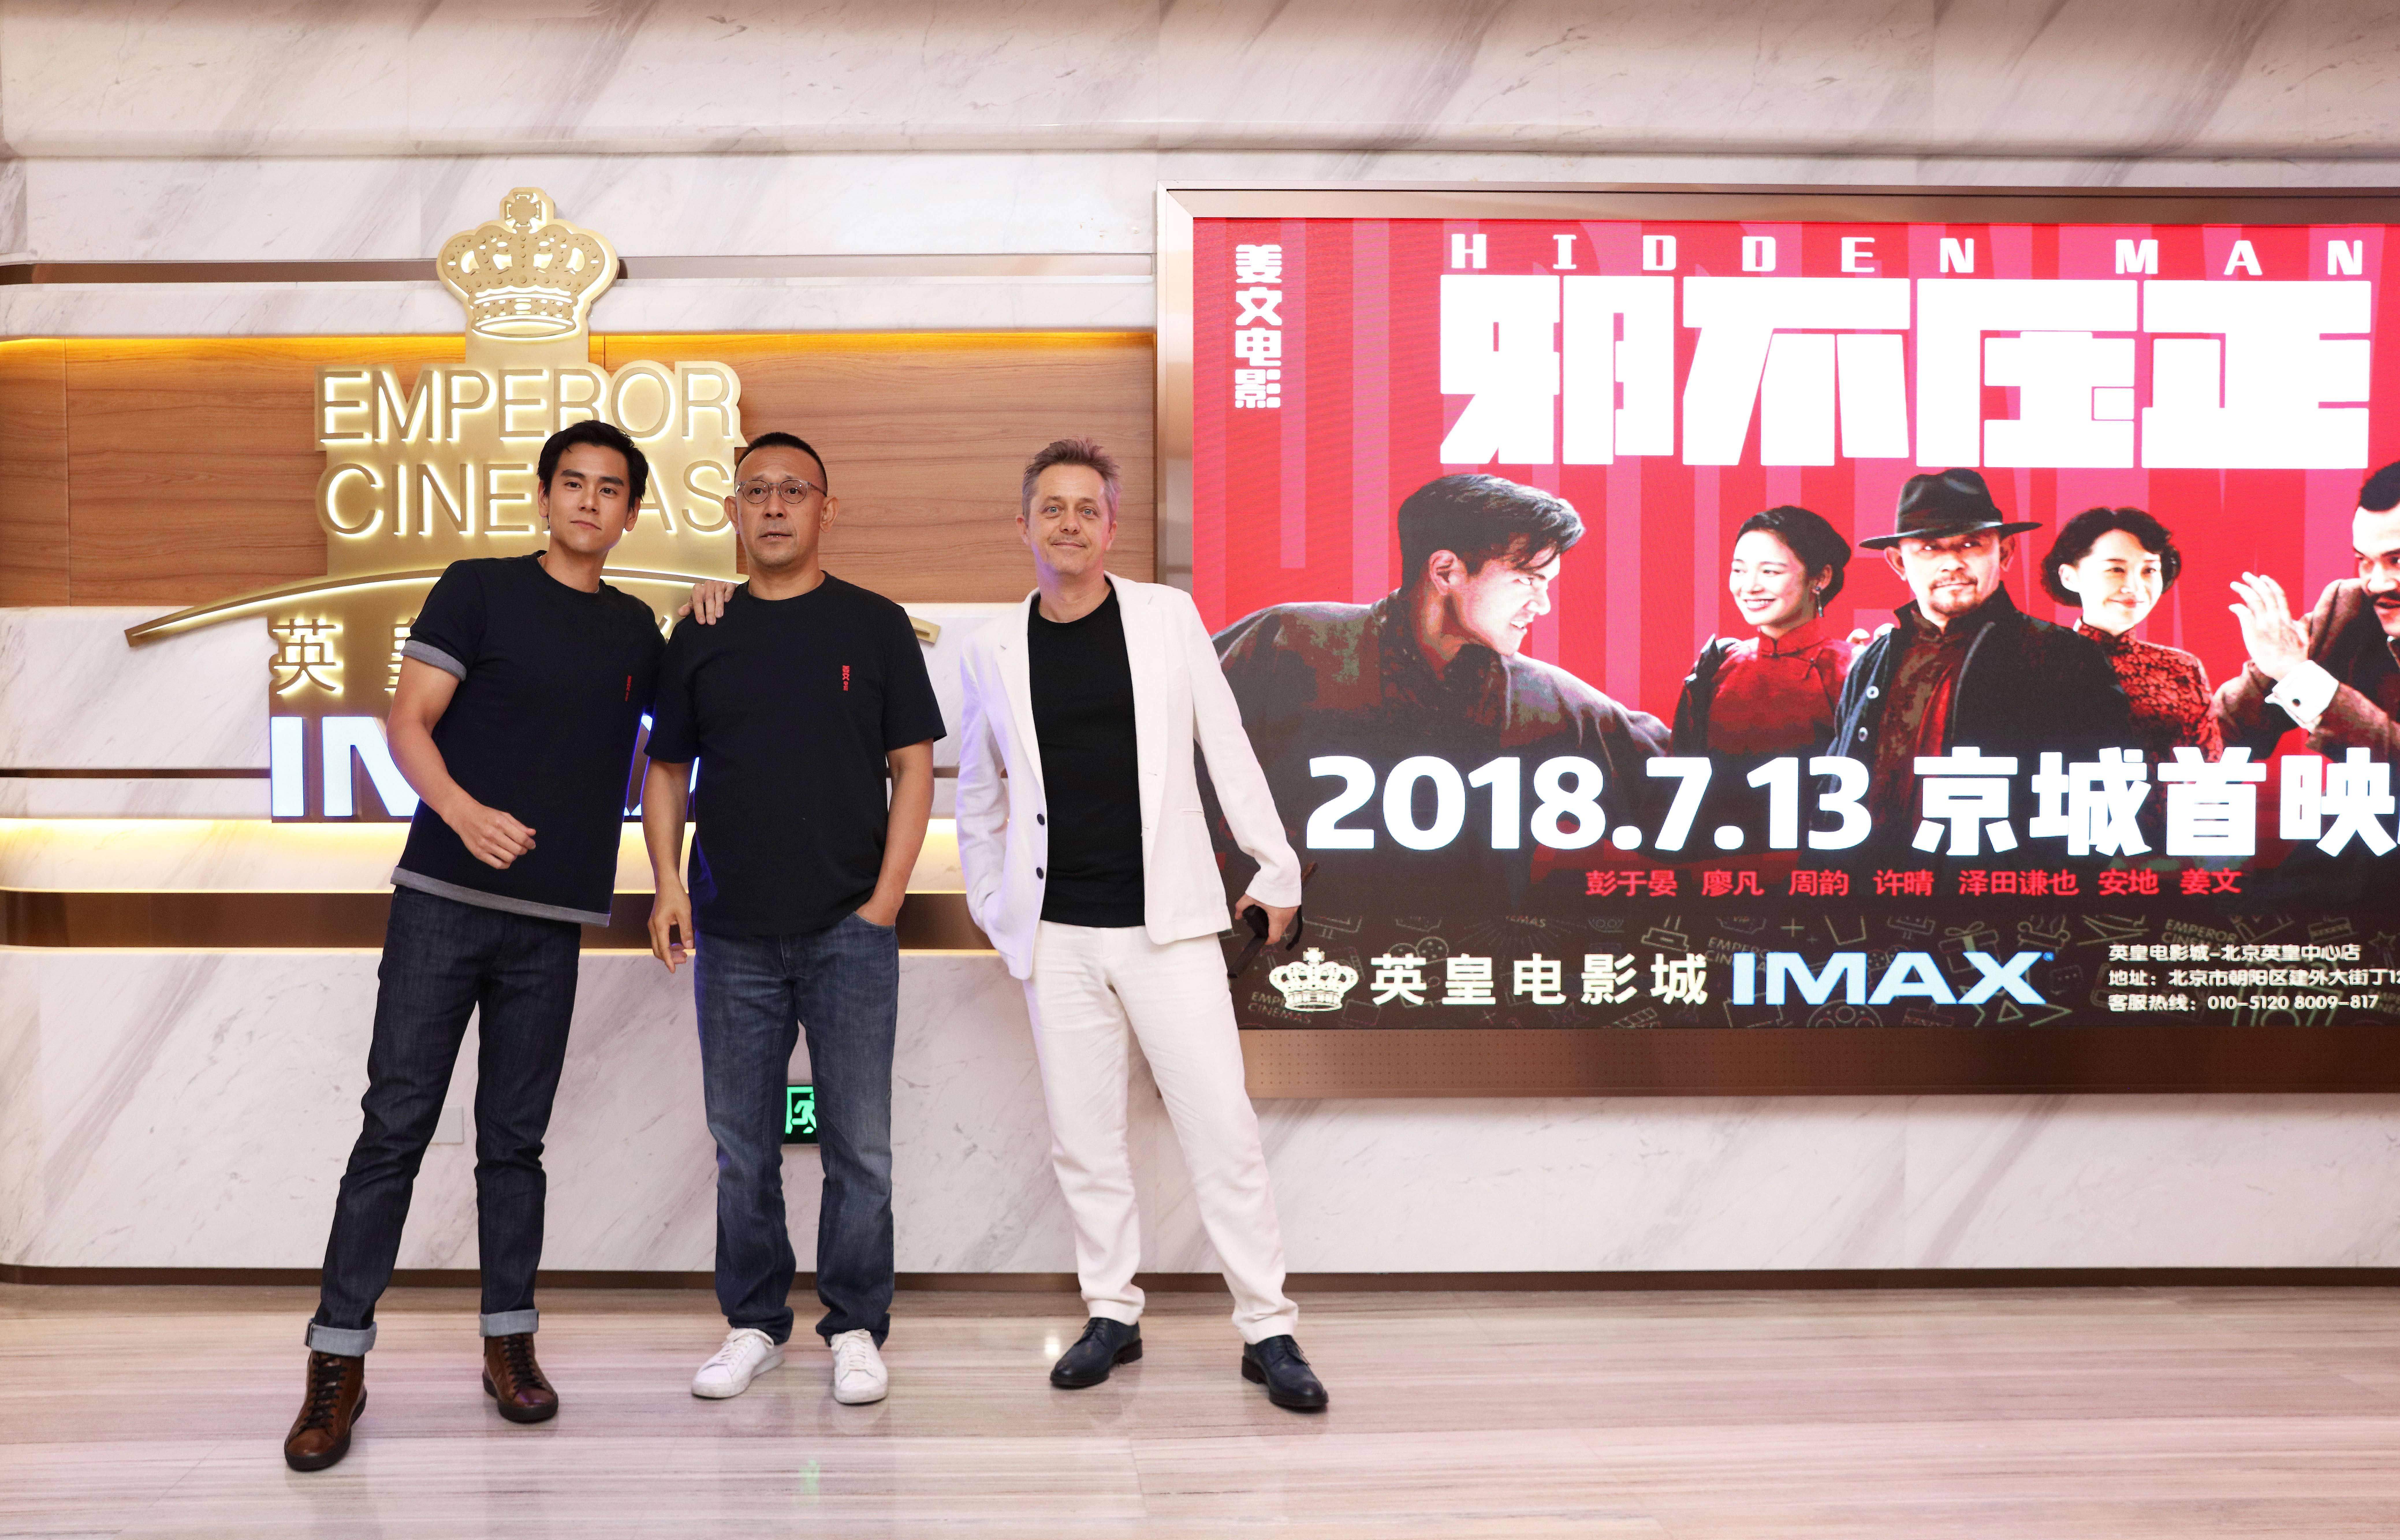 姜文《邪不压正》北京英皇电影城京城首映礼 首日票房第一